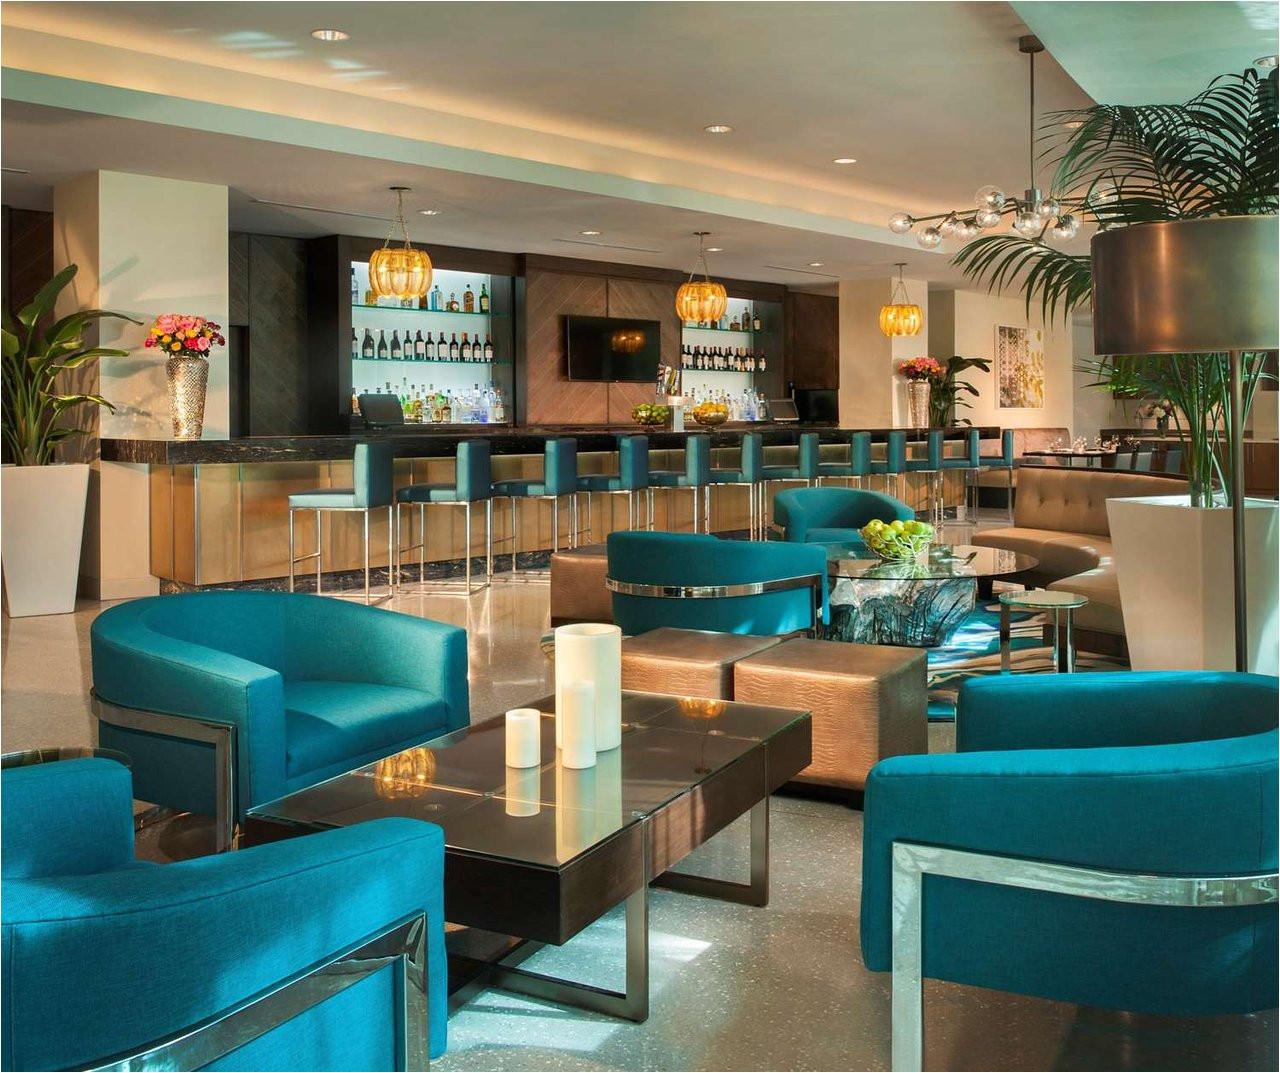 hilton garden inn miami dolphin mall florida opiniones comparacia n de precios y fotos del hotel tripadvisor